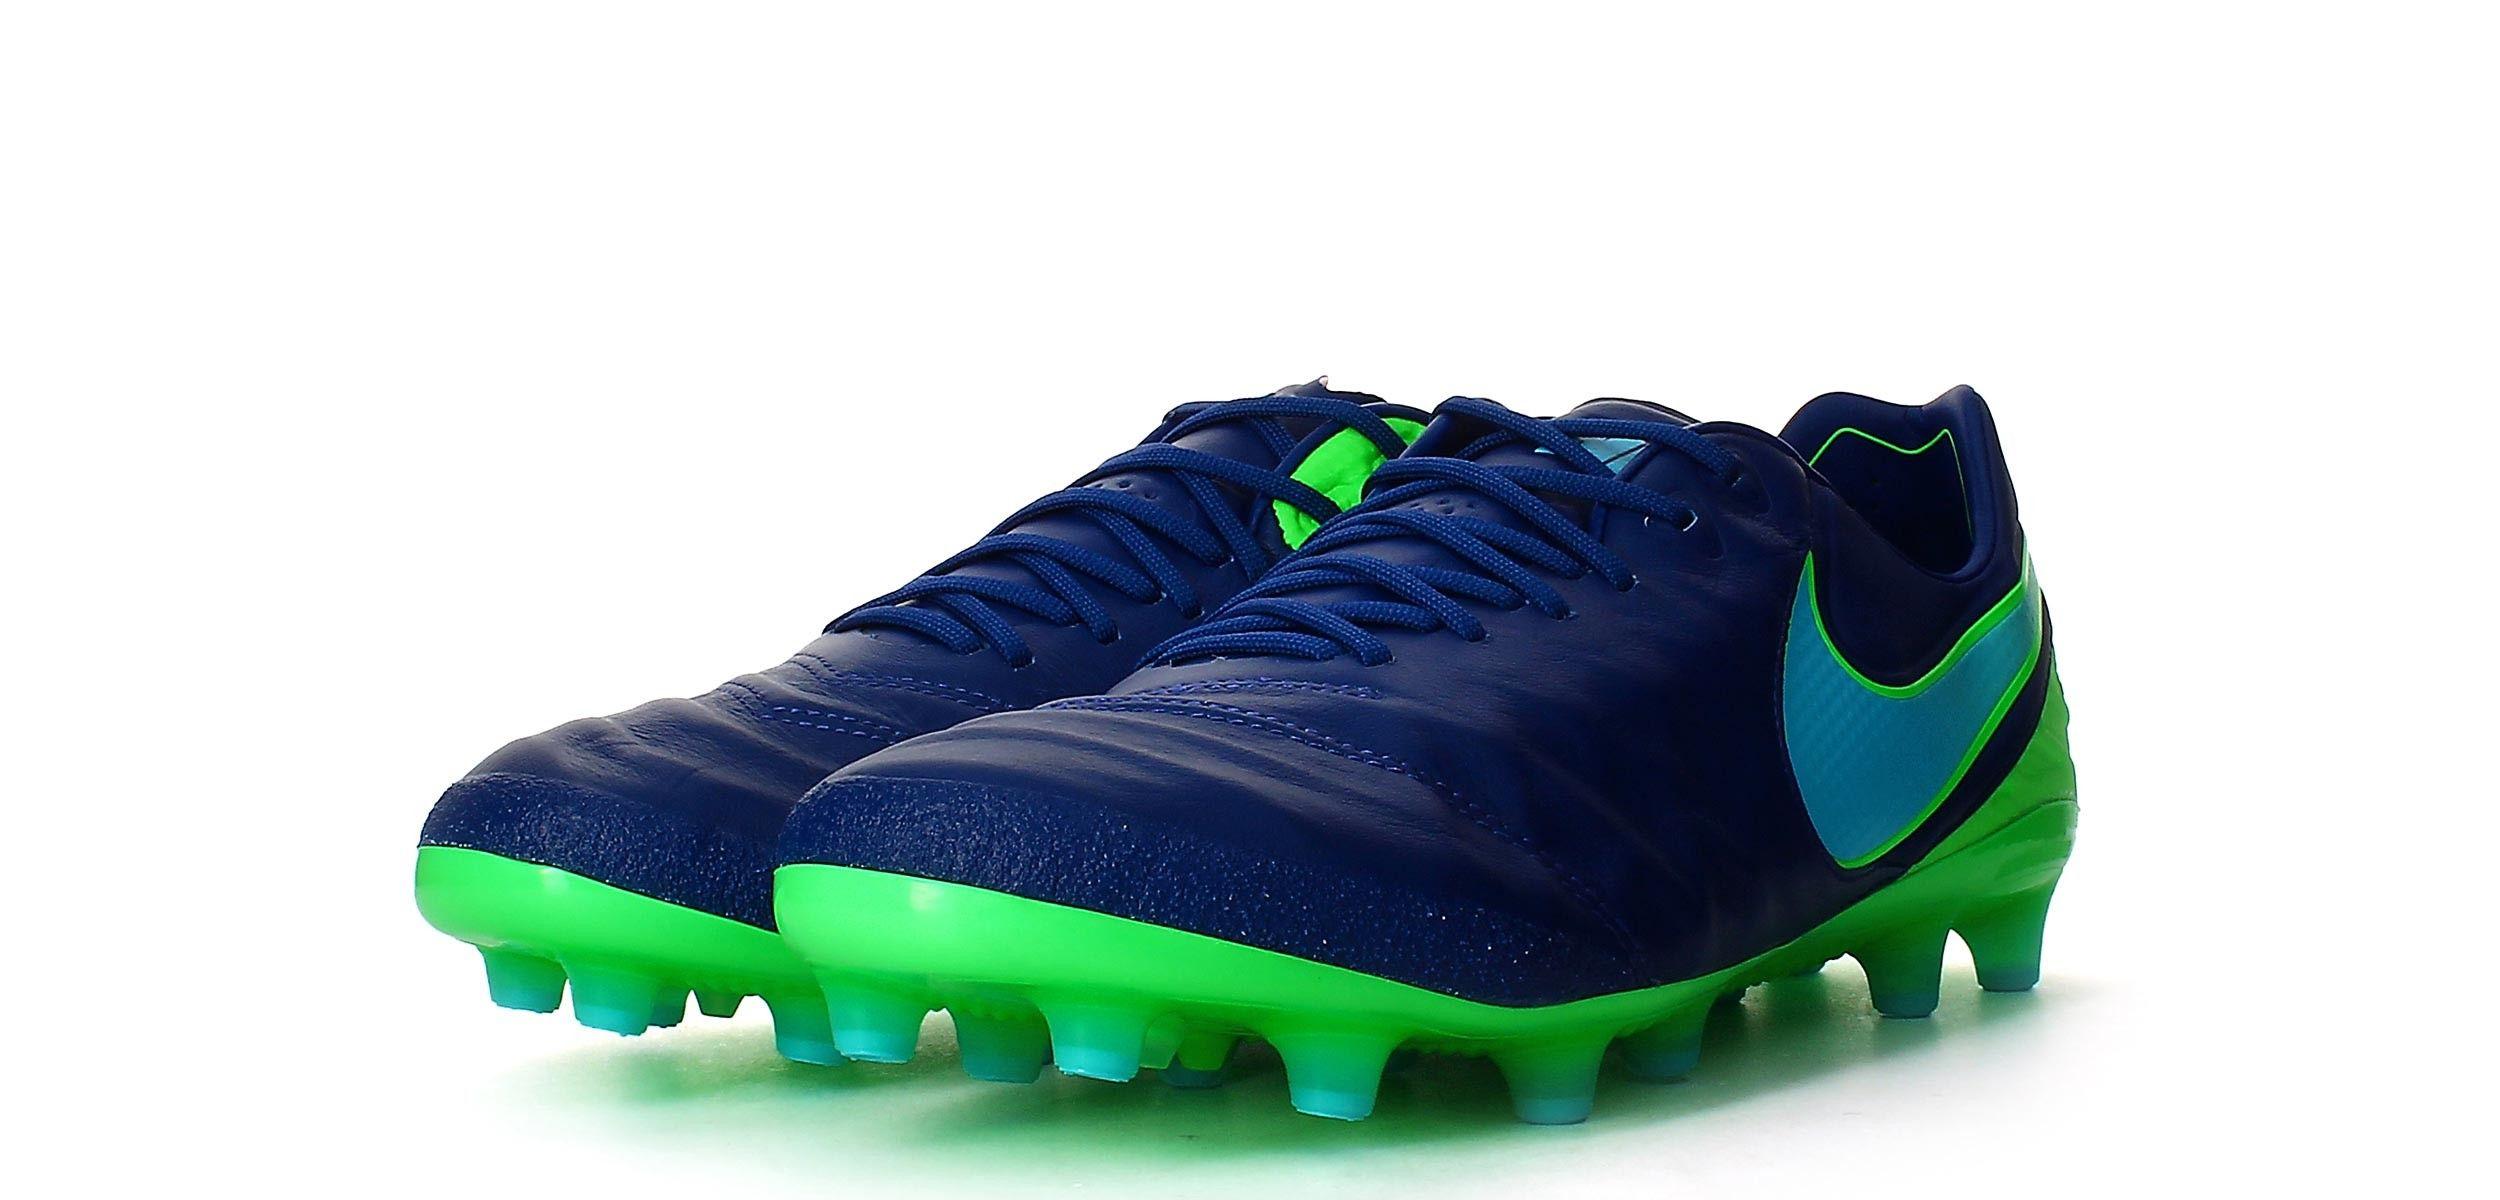 Botas de fútbol Nike Tiempo Legend VI AG-PRO - Azul Coastal   Verde Rage b13ed33731db0